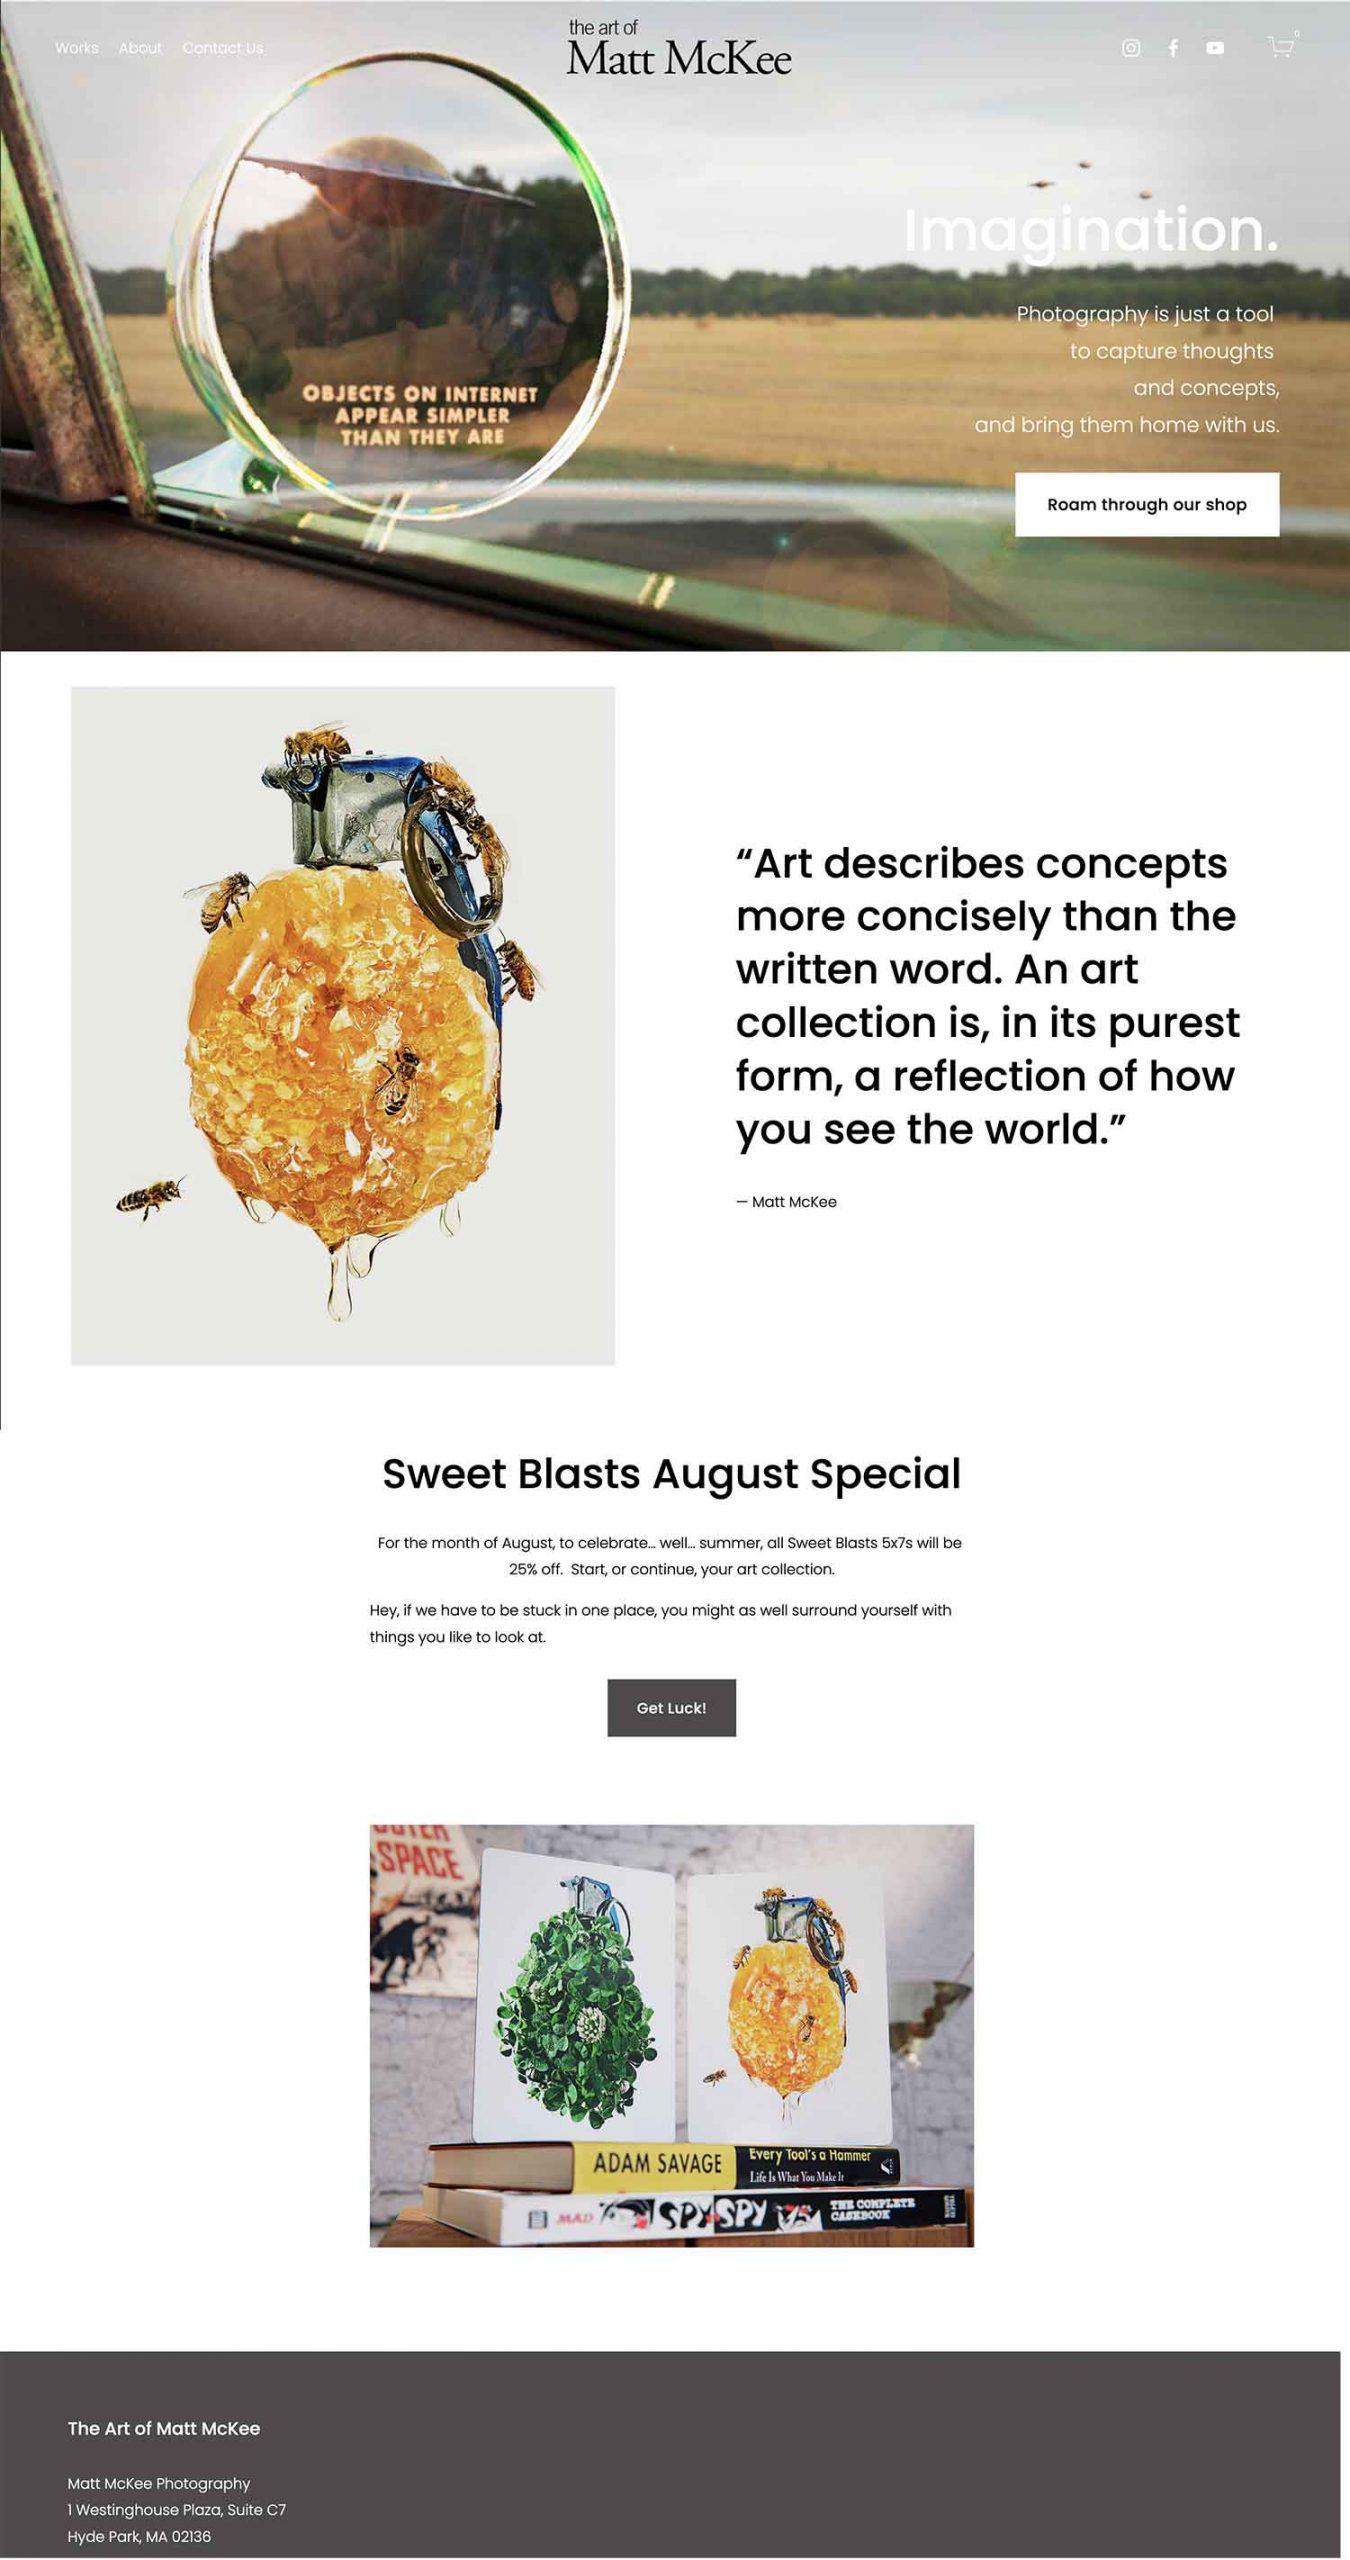 The Art of Matt McKee Web site